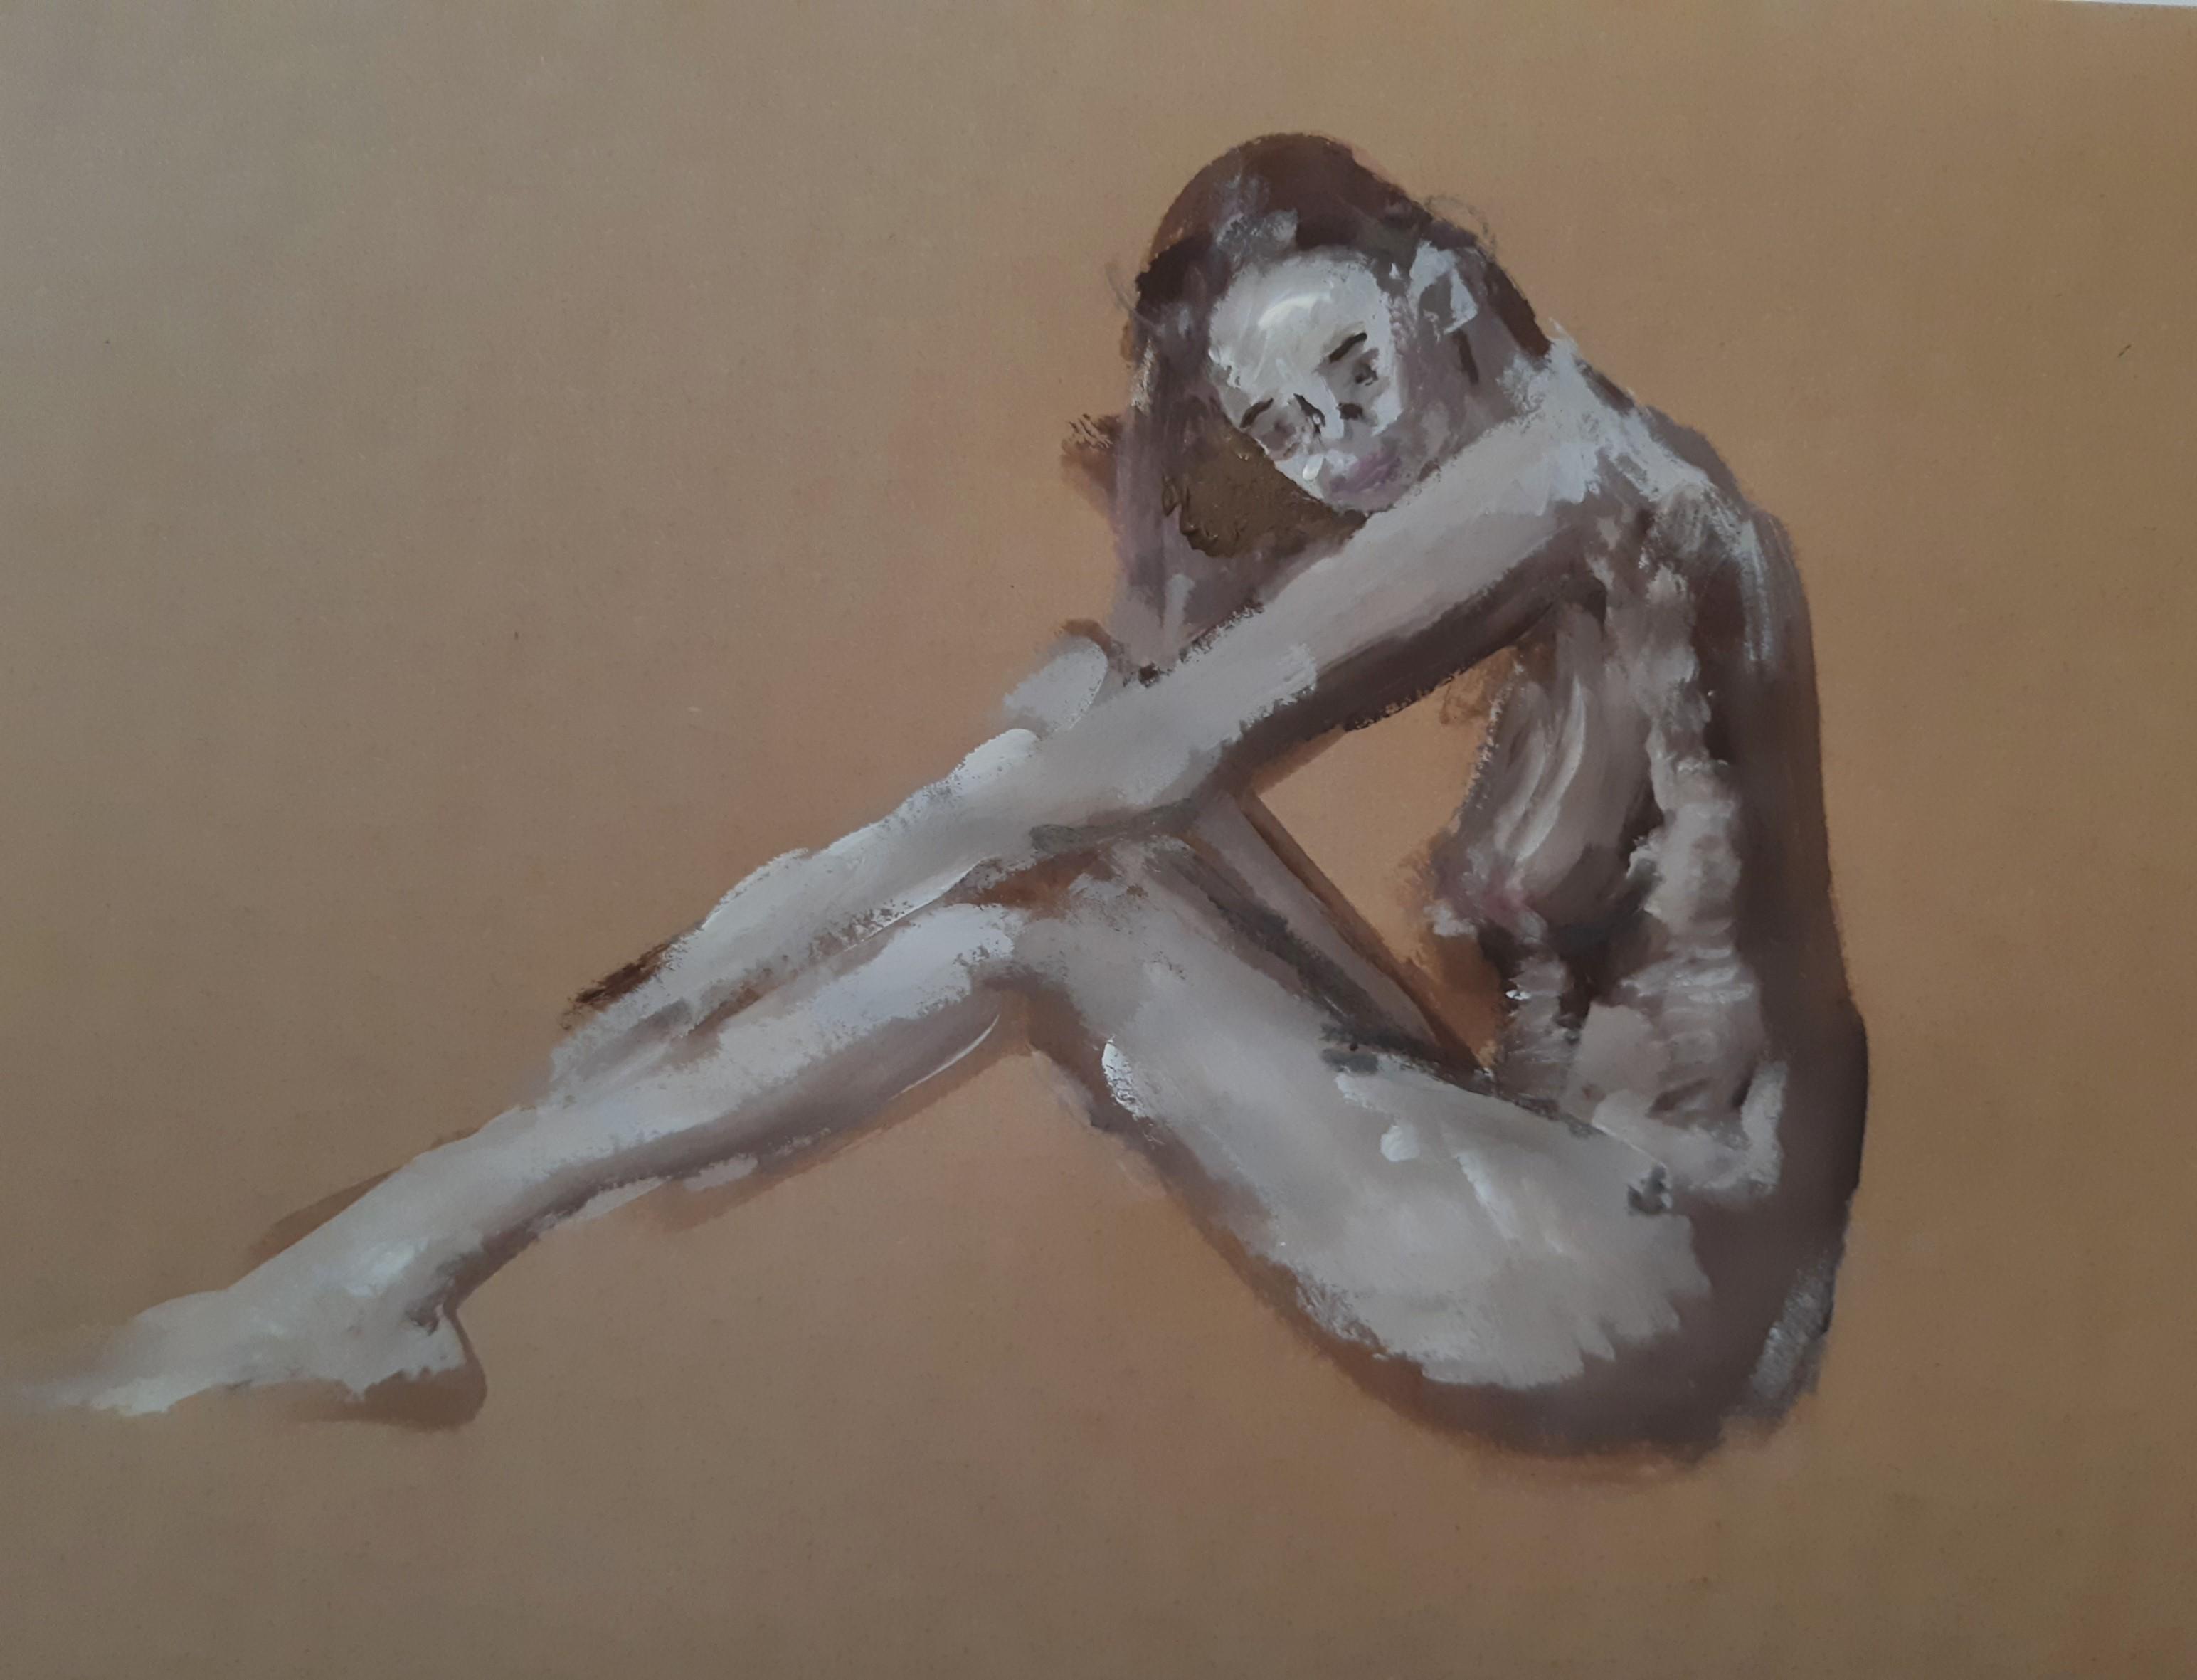 Peinture acrylique blanche fusain sur papier gris  cours de dessin